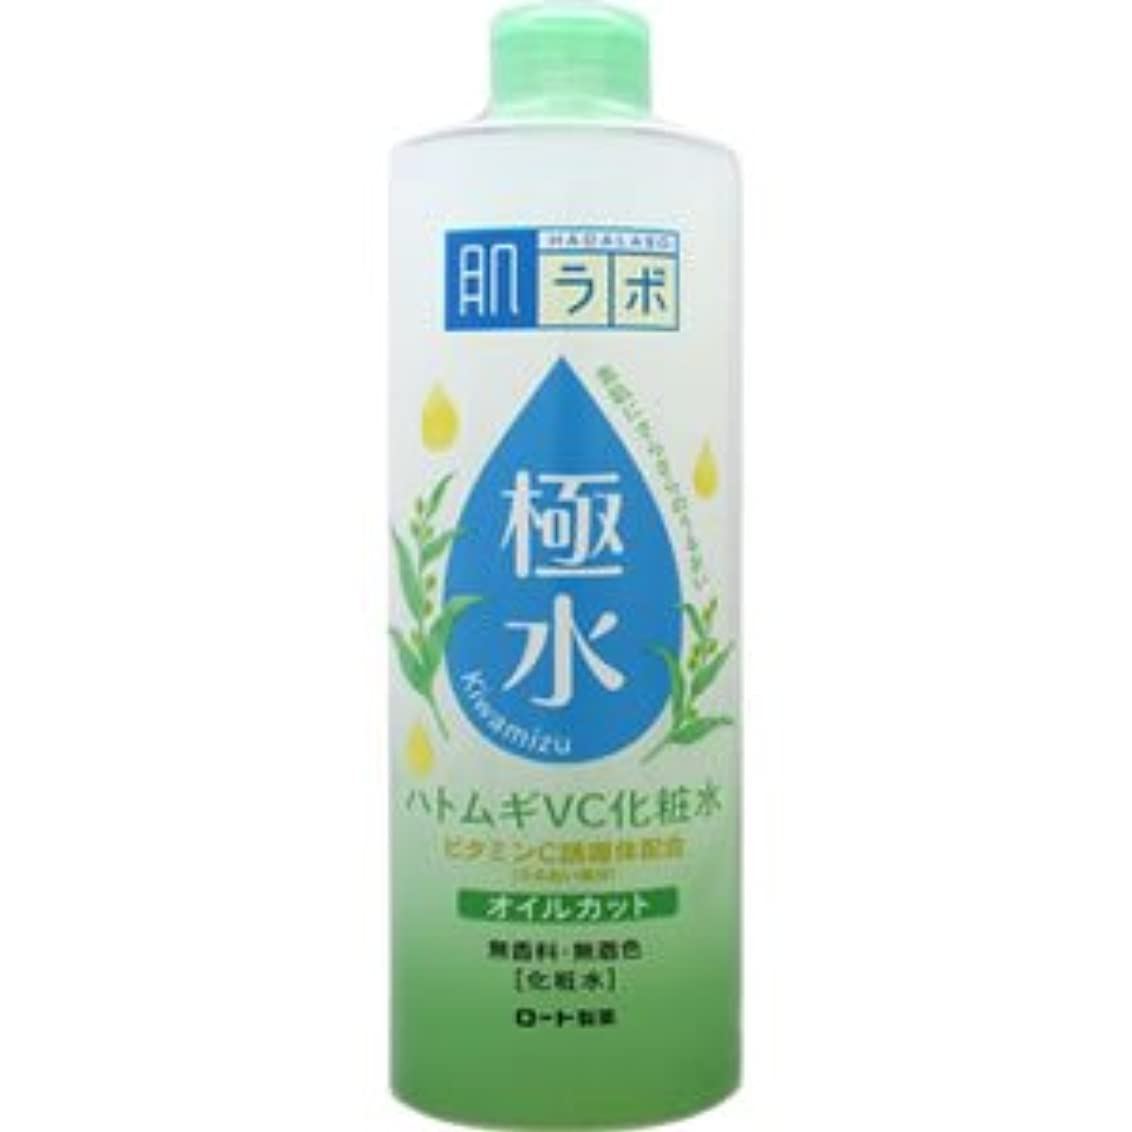 領事館埋めるスライス(ロート製薬)肌研 極水ハトムギVC化粧水 400ml